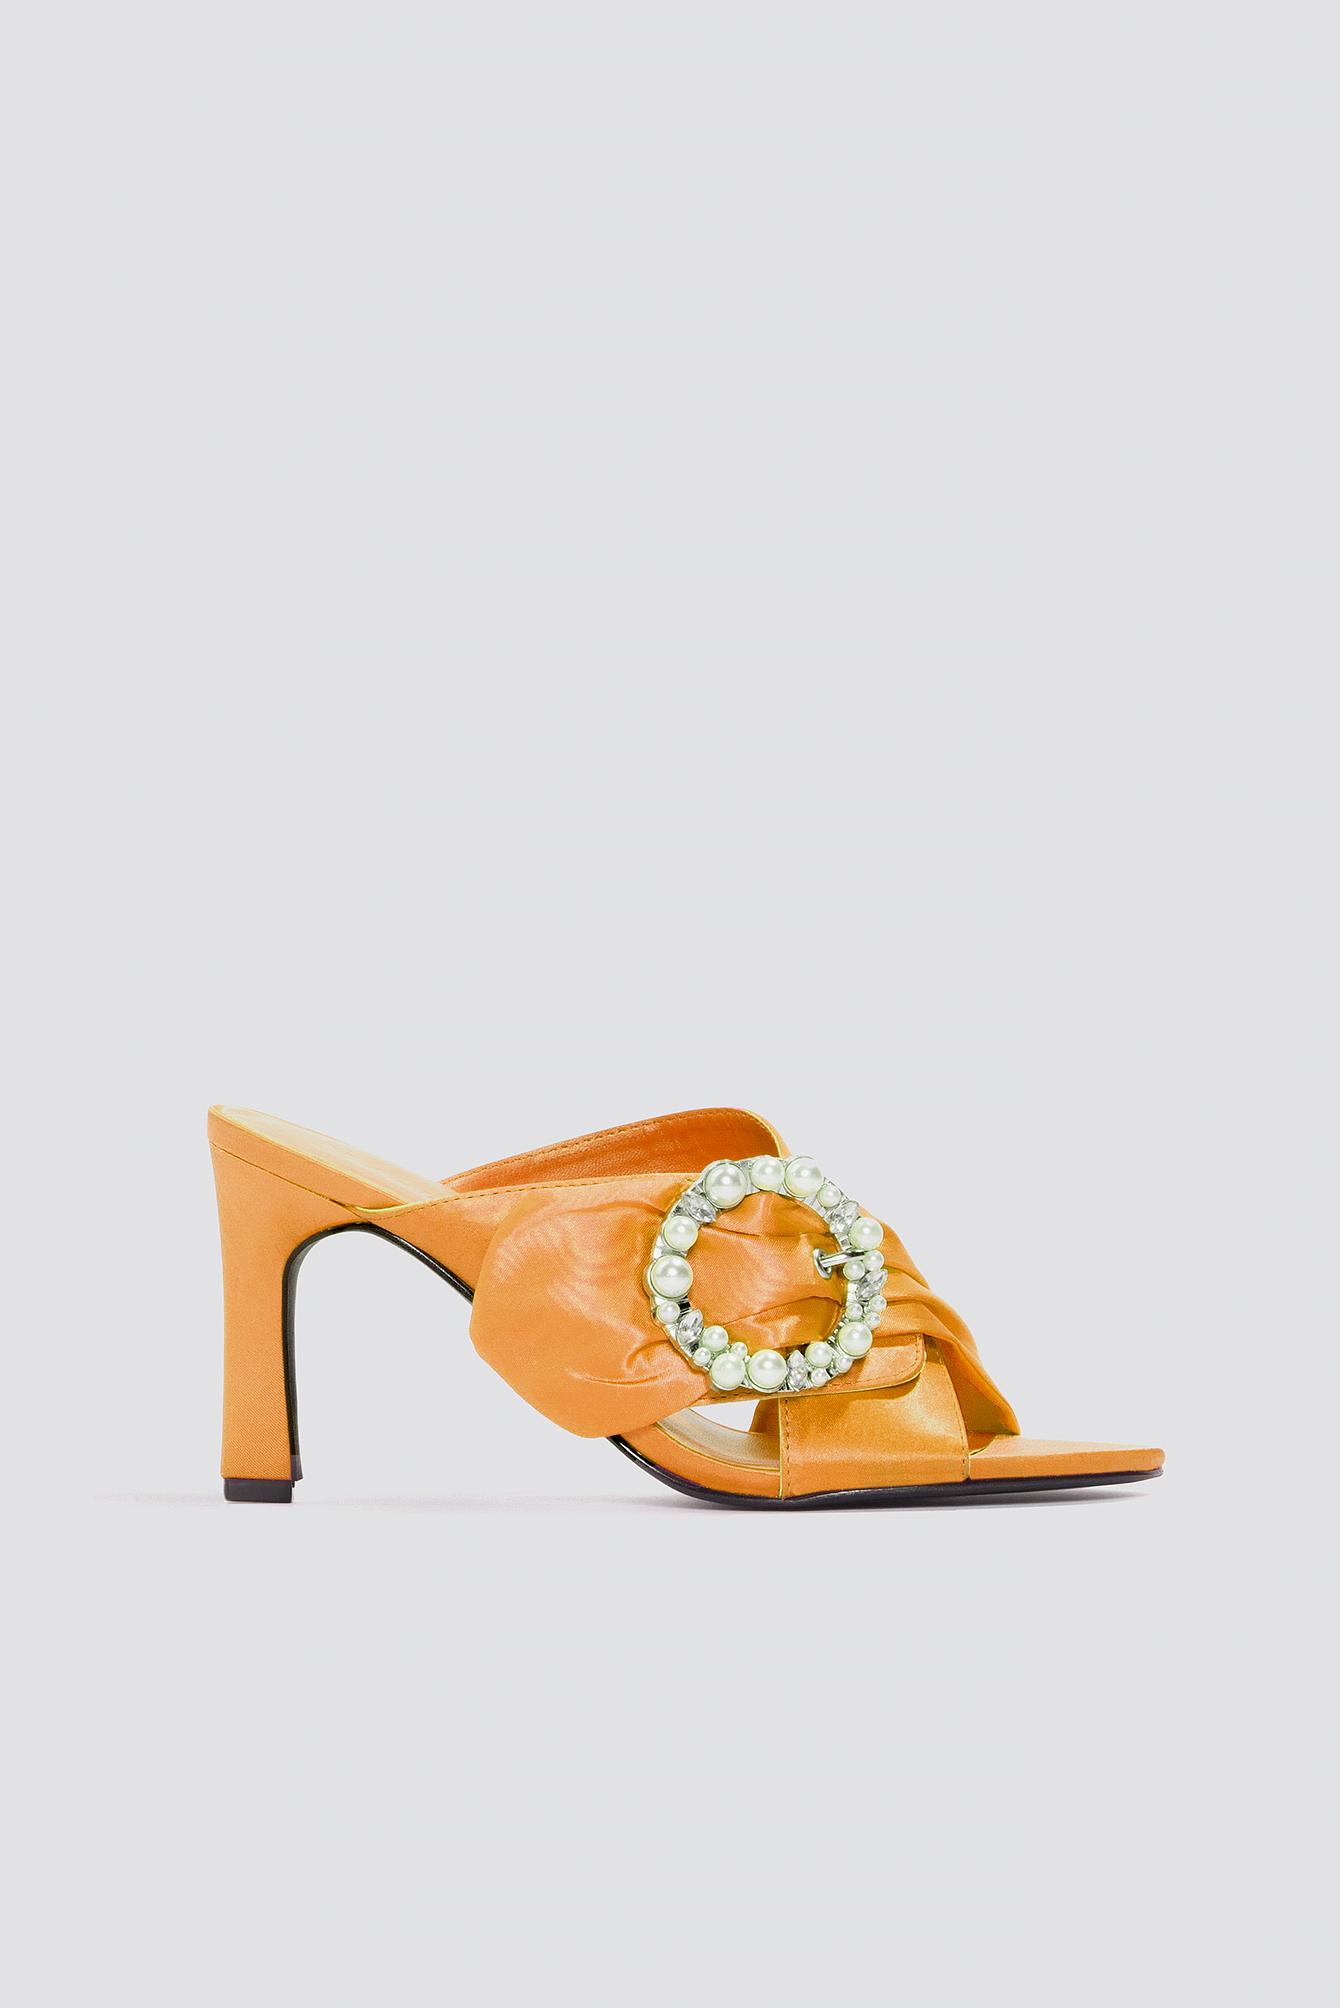 na-kd shoes -  Embellished Heeled Mule Sandals - Orange